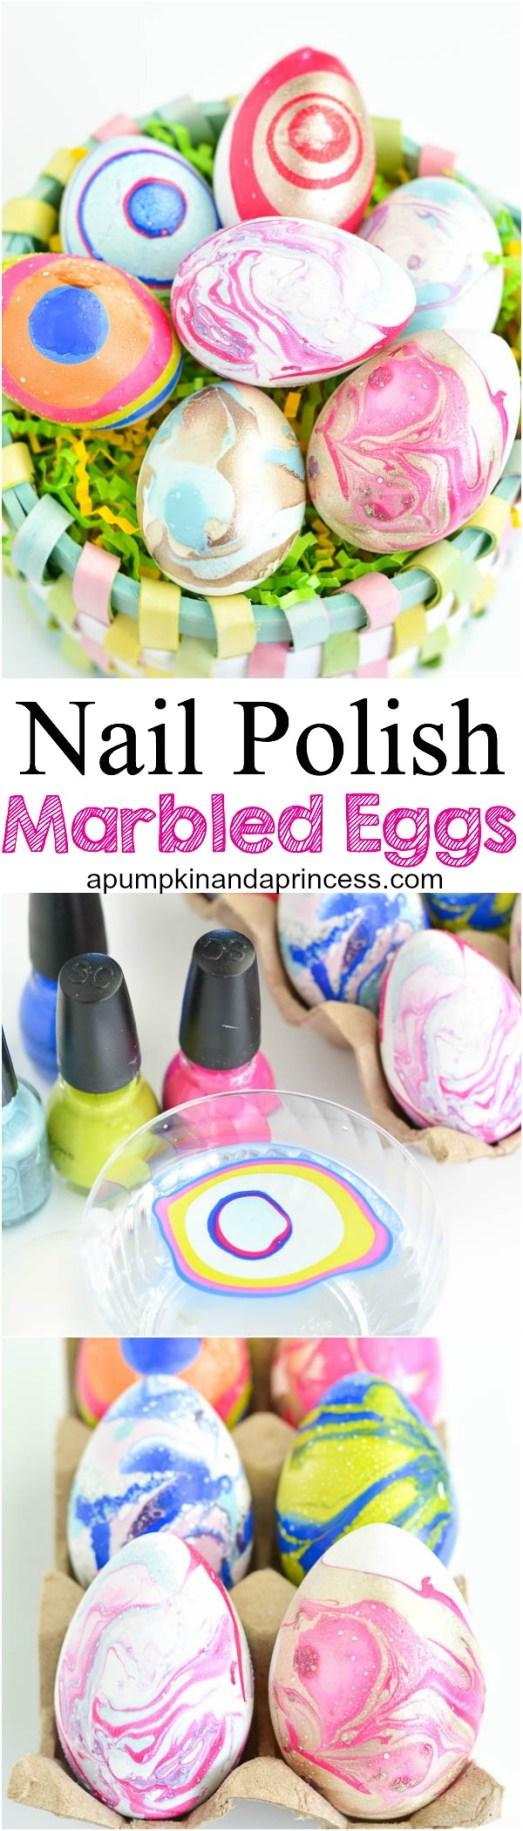 Nail polish marbled easter eggs for Nail polish crafts